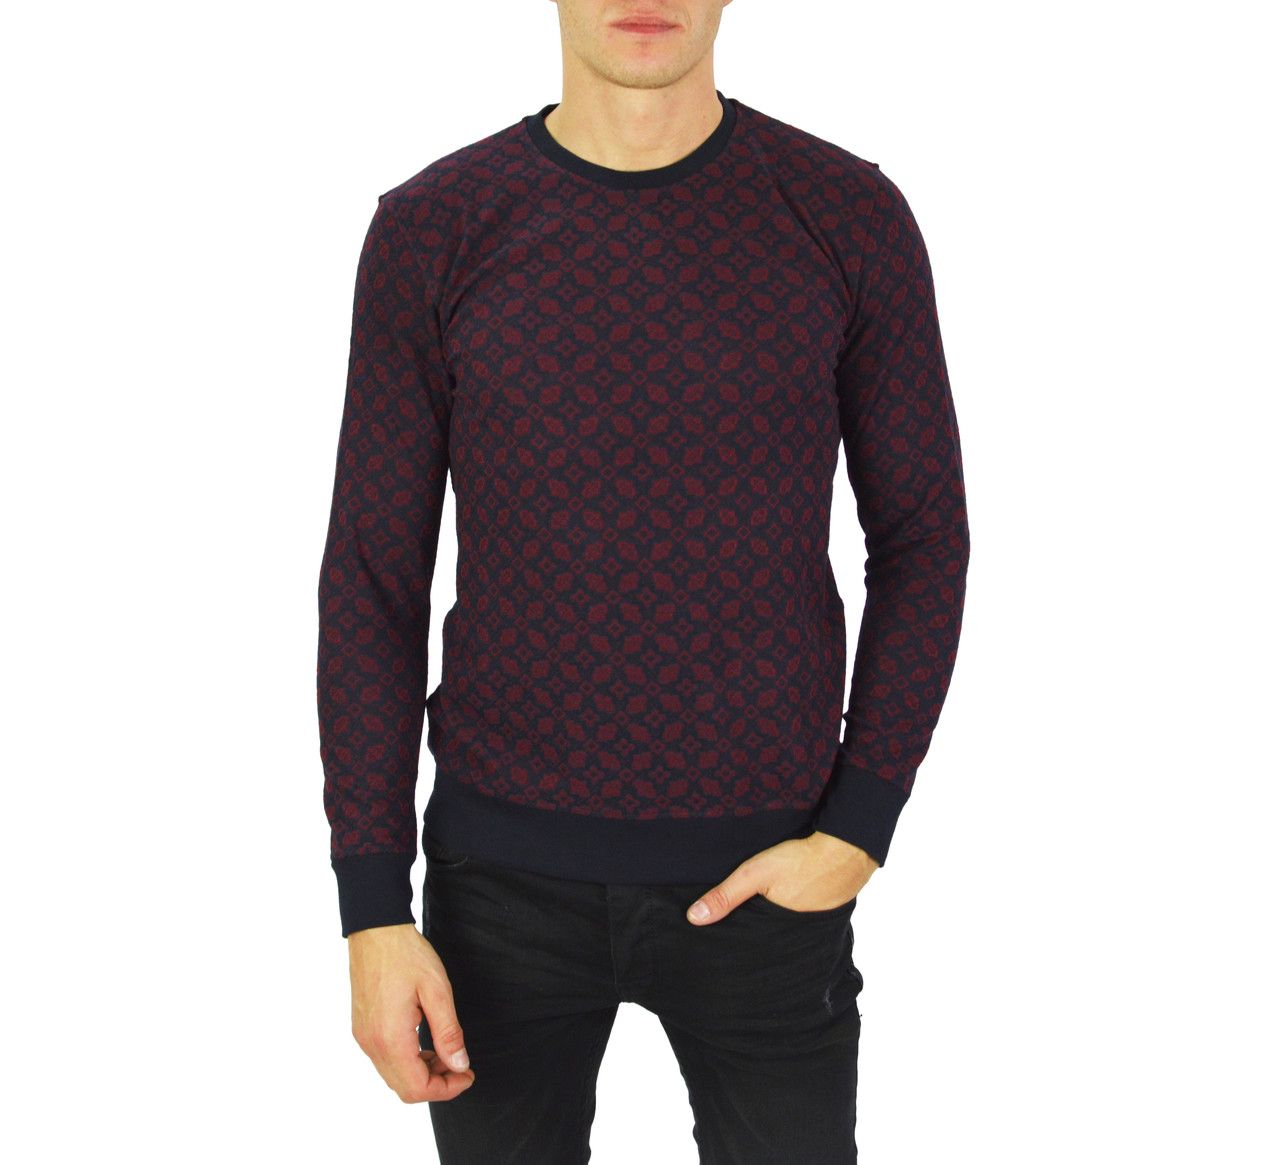 Бордовый свитер мужской, джемпер тонкий FODIL'S